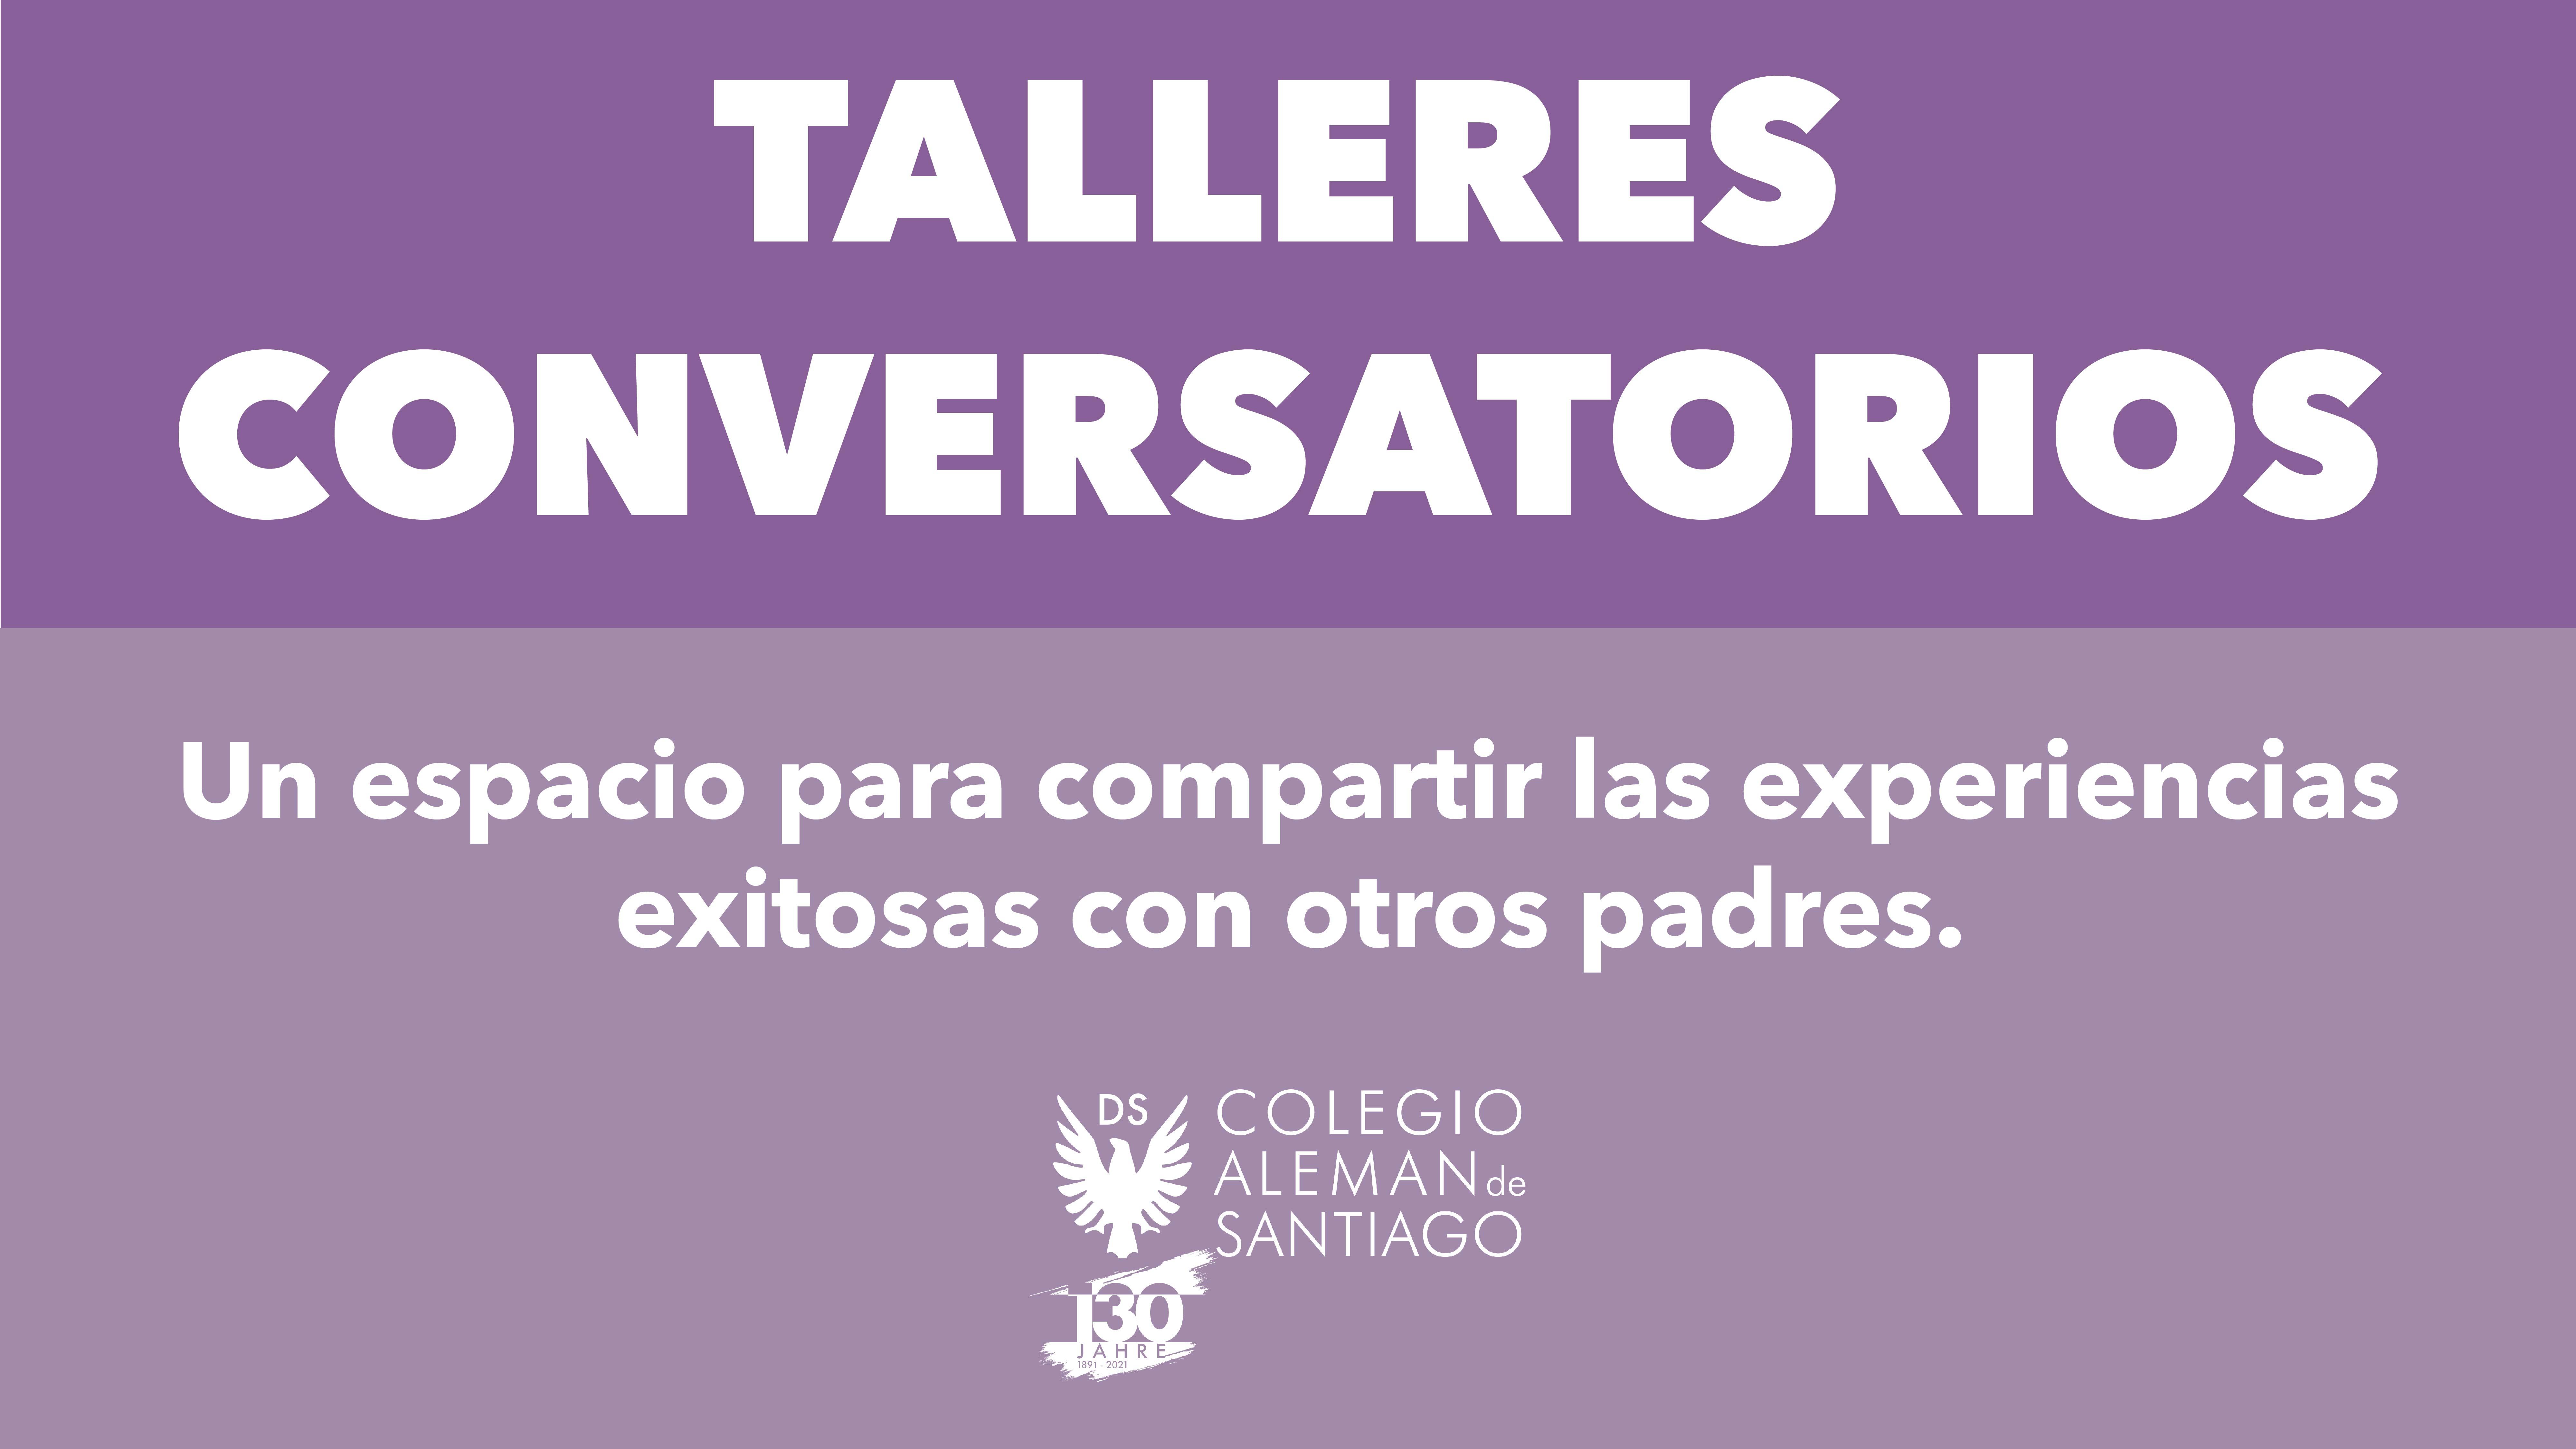 TALLERES CONVERSATORIOS